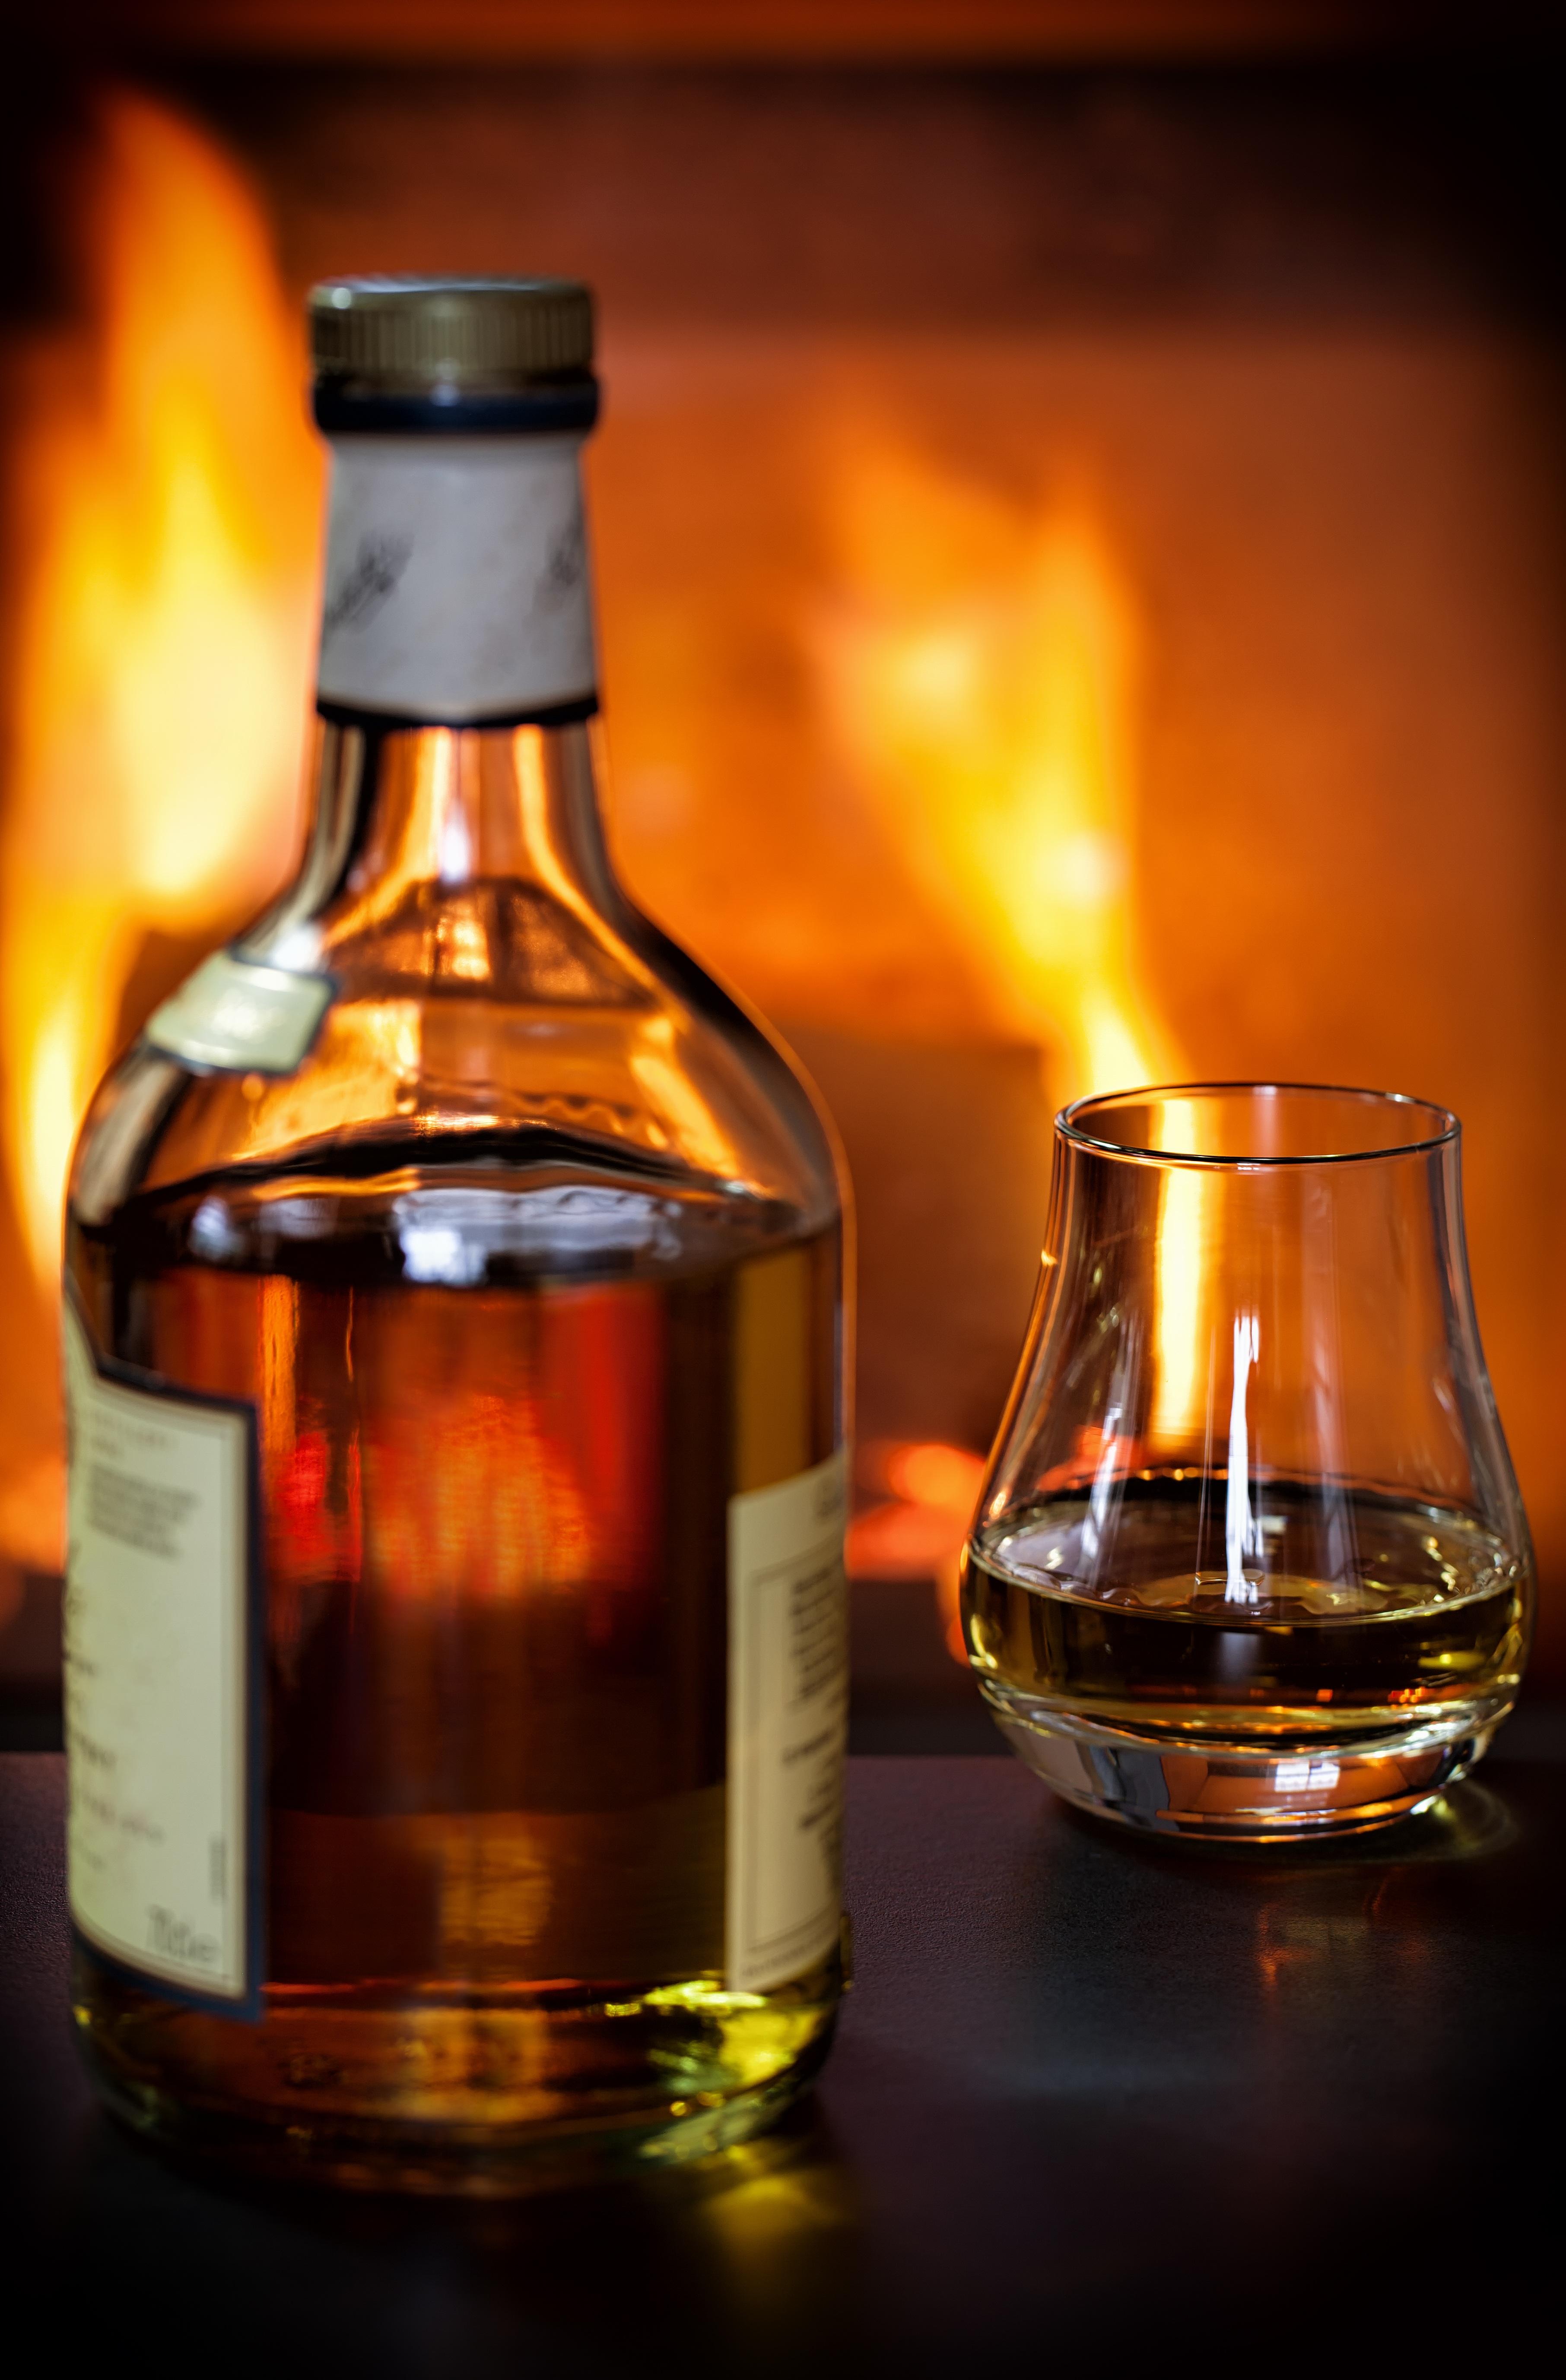 fotos gratis invierno vaso llama fuego chimenea beber botella calor alcohol alcohlico espritu horno licor beneficio de reflejando